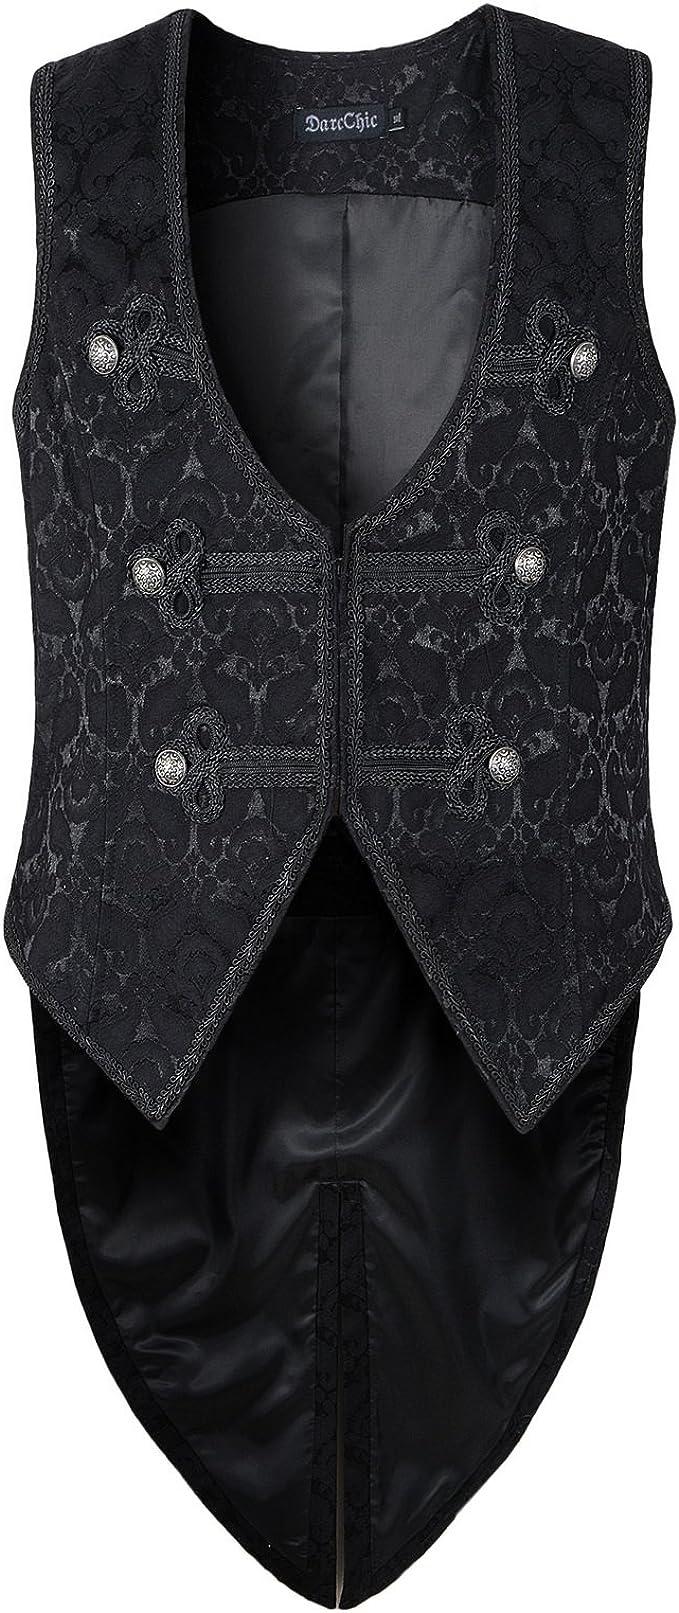 Paul Jones Mens Gothic Steampunk Vest Waistcoat Velvet Jacquard Tailcoat